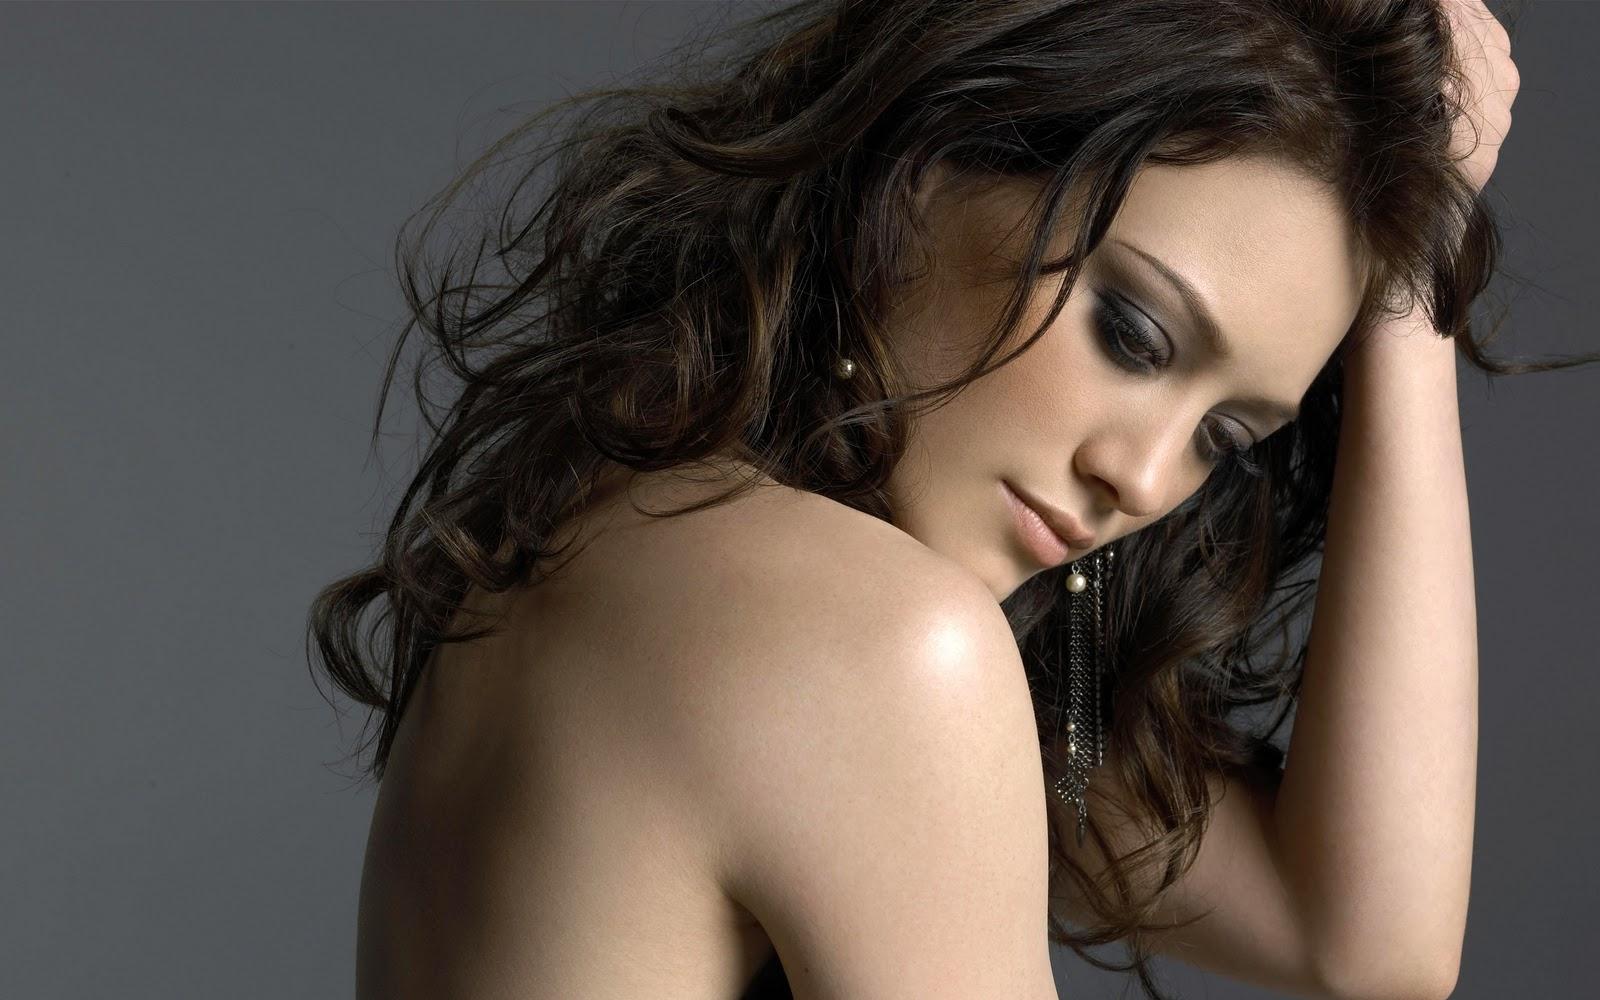 http://2.bp.blogspot.com/-V4Bsb8DT5Wg/TZNGM8ebR2I/AAAAAAAAAic/x-mVK5mjg98/s1600/Hilary+Duff+2.jpg